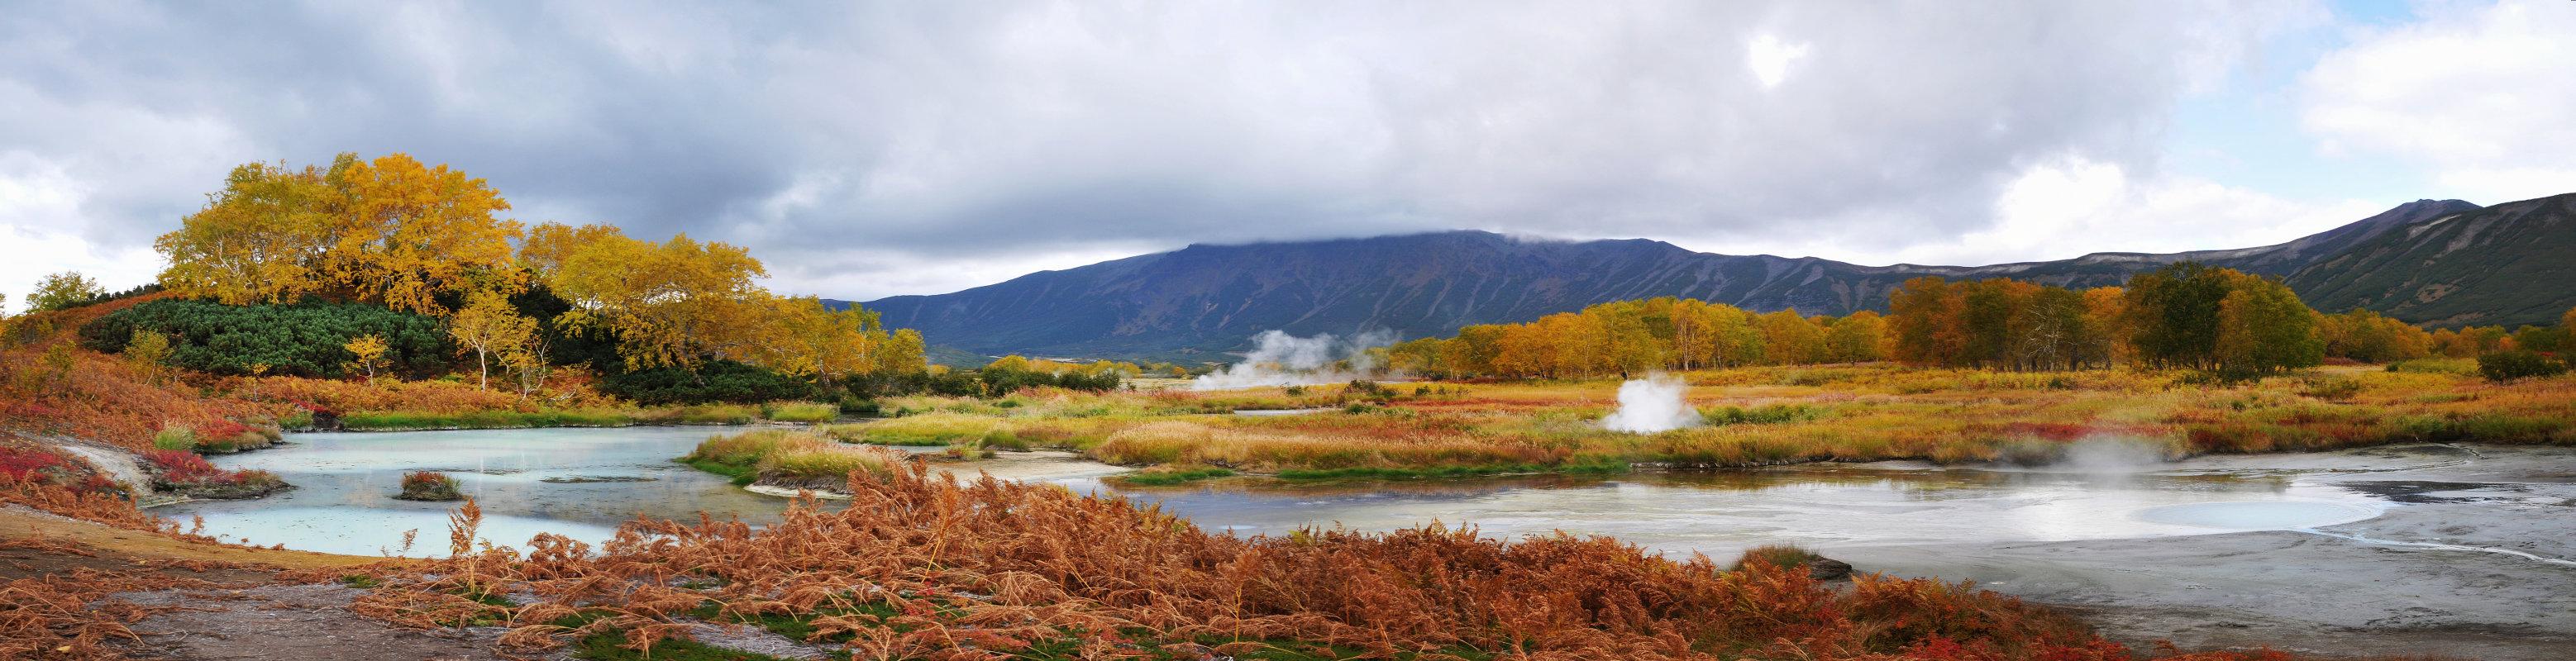 final del mundo Kamchatka caldera Uzon